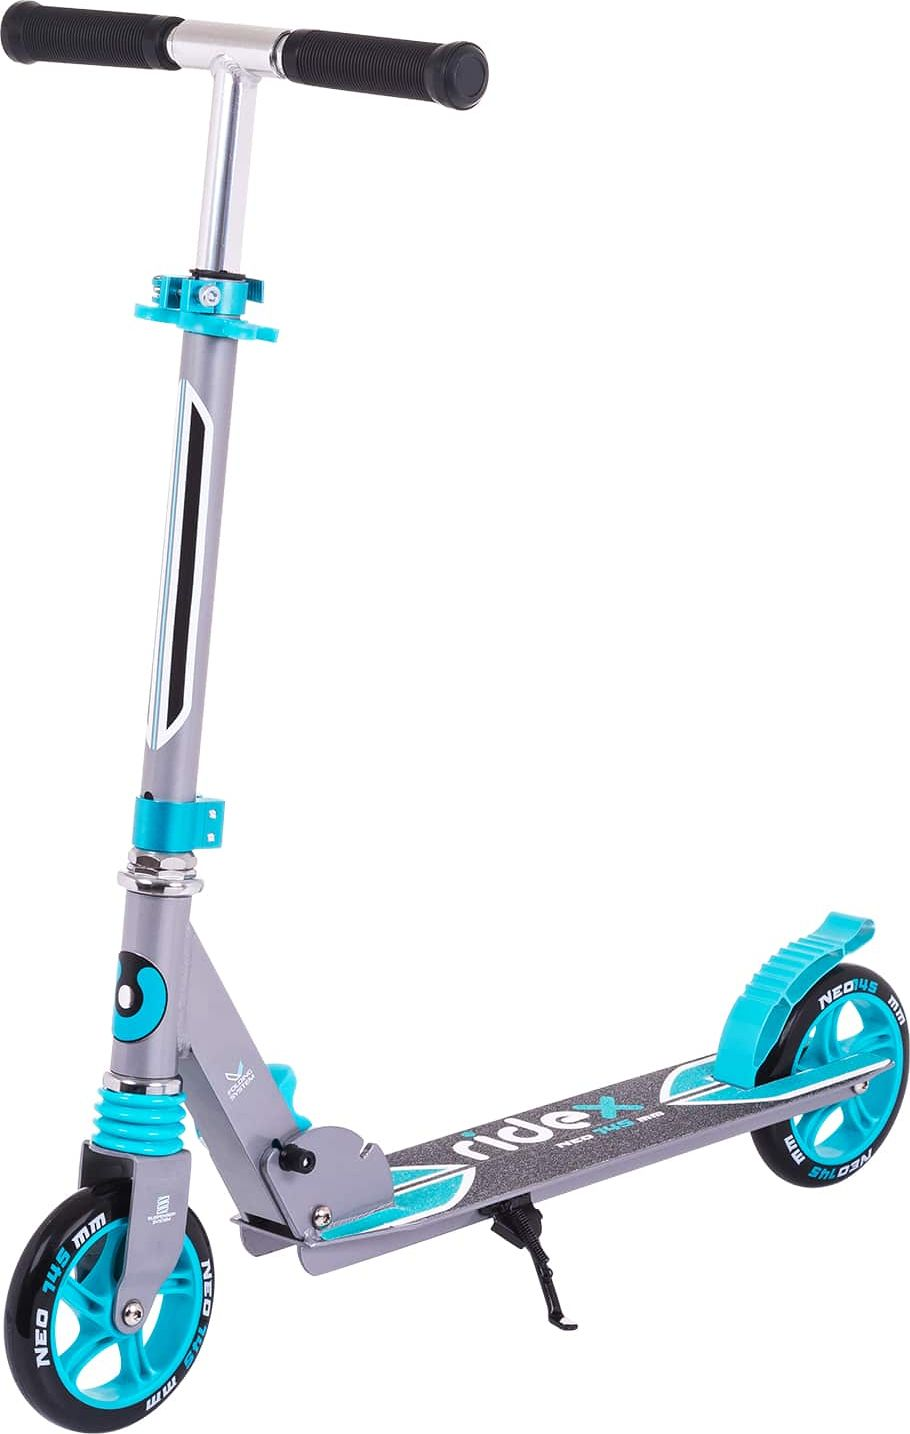 Самокат Ridex Neo, 2-колесный, цвет: серый, синий, 145 ммУТ-00011560Прочный алюминиевый самокат с 145-миллиметровыми колесами для городского катания. Износостойкие резиновые грипсы повышают сцепление с ладонями. Передний амортизатор помогает сгладить неровности дороги. Максимальный вес райдера 70 кг - на самокате может прокатиться не только школьник, но и взрослый человек. Надпись Ridex с названием модели самоката на антискользящем покрытии деки.Характеристики:Состав конструкции: 100% высокопрочный алюминийРуль, высота (см): 69/76/83Грипсы, материал: резина Дека, длина (см): 46Дека, ширина (см): 12Колеса, диаметр (мм): 145Колеса: полиуретан Подшипник: ABEC - 7Система складывания: естьАмортизатор: переднийМаксимальный вес пользователя, кг: 70Вес без коробки, кг: 2,97